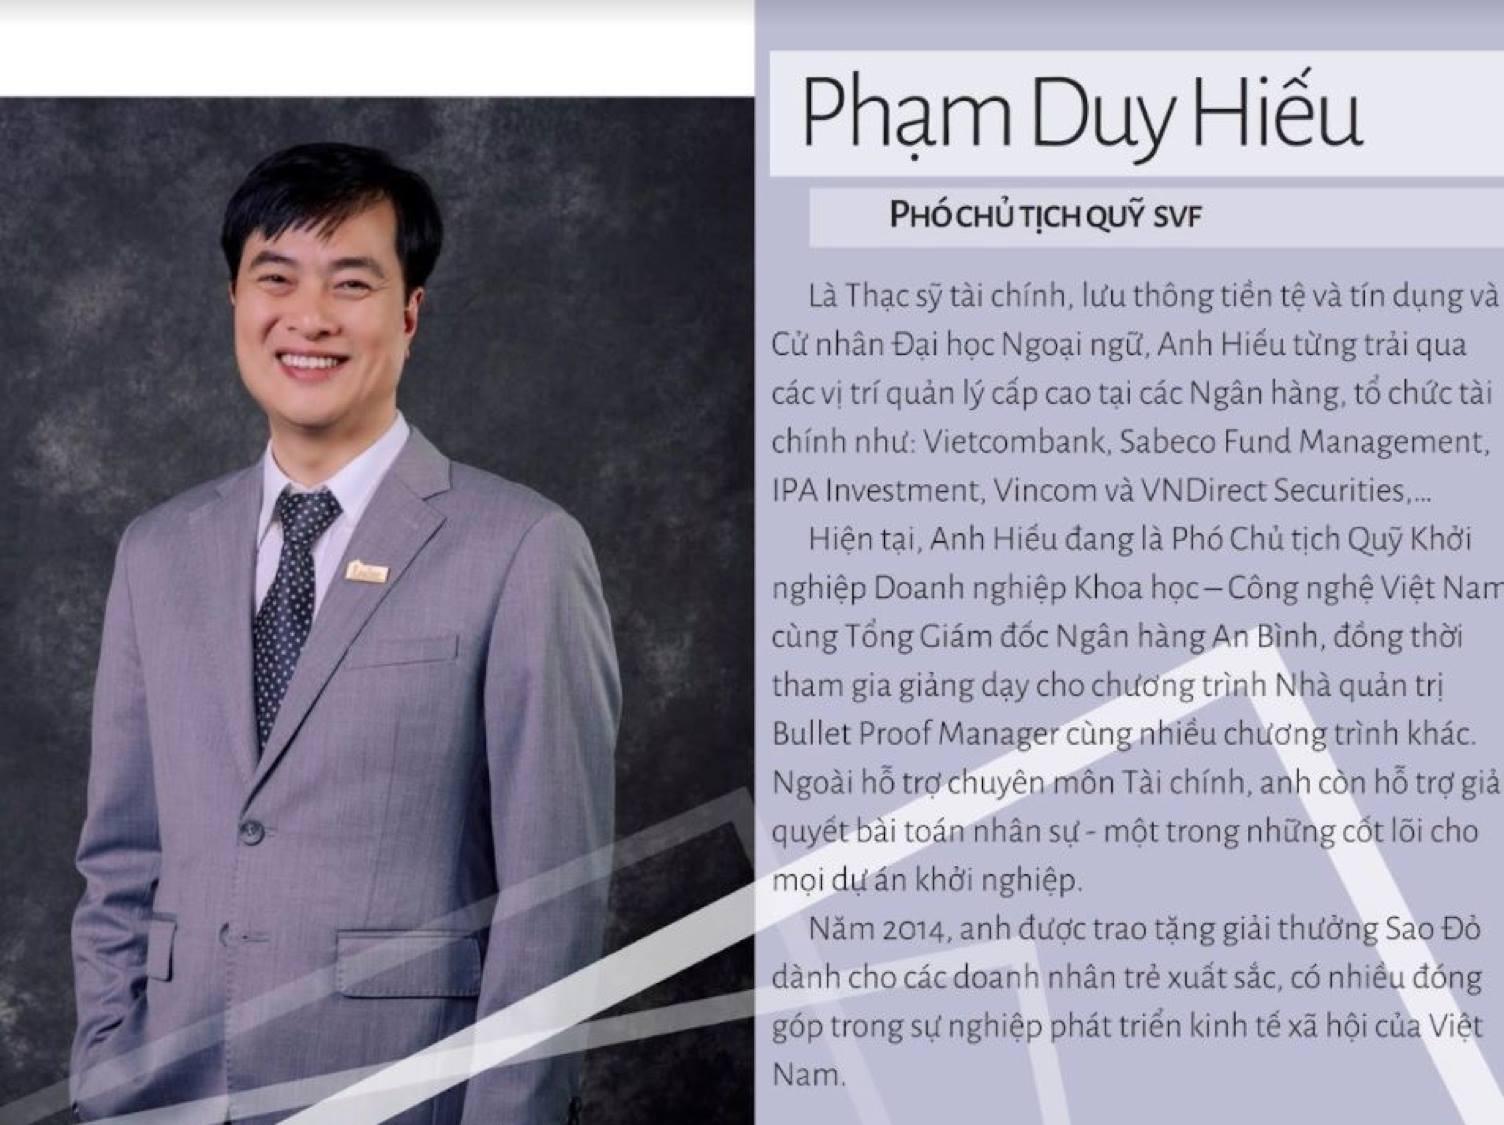 Diễn Giả Phạm Duy Hiếu - Phó Chủ Tịch SVF